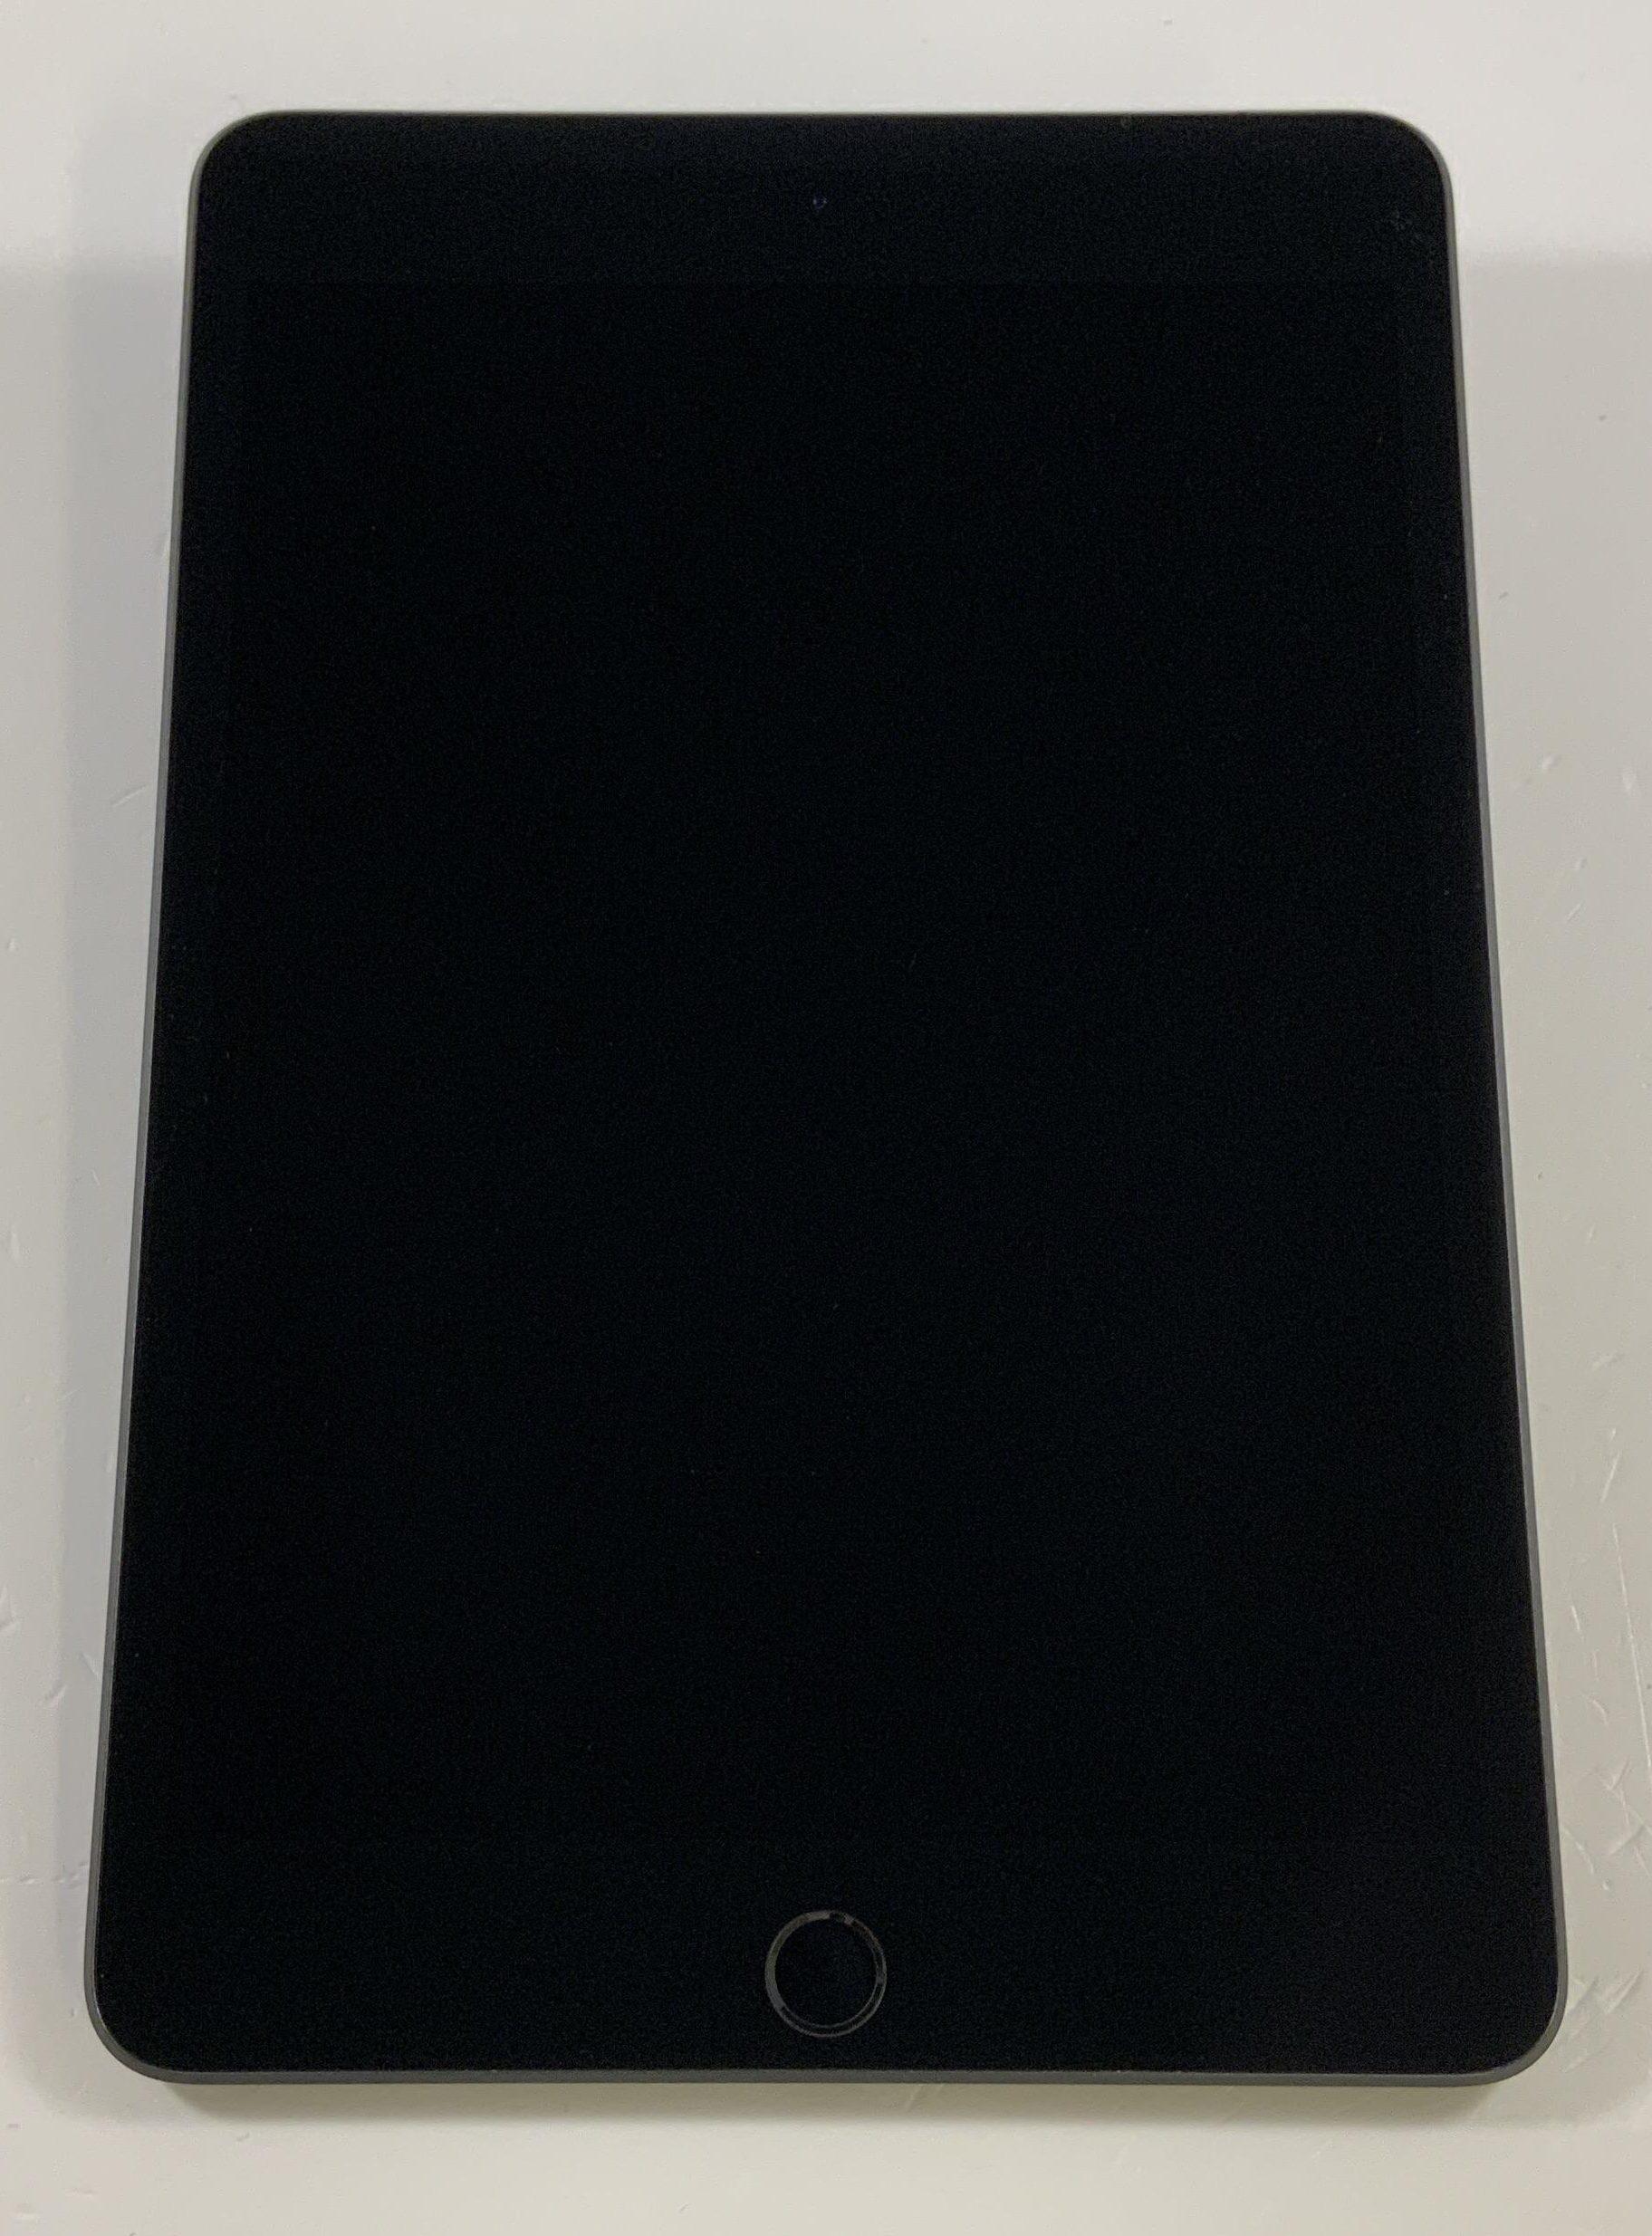 iPad mini 5 Wi-Fi + Cellular 256GB, 256GB, Space Gray, bild 1